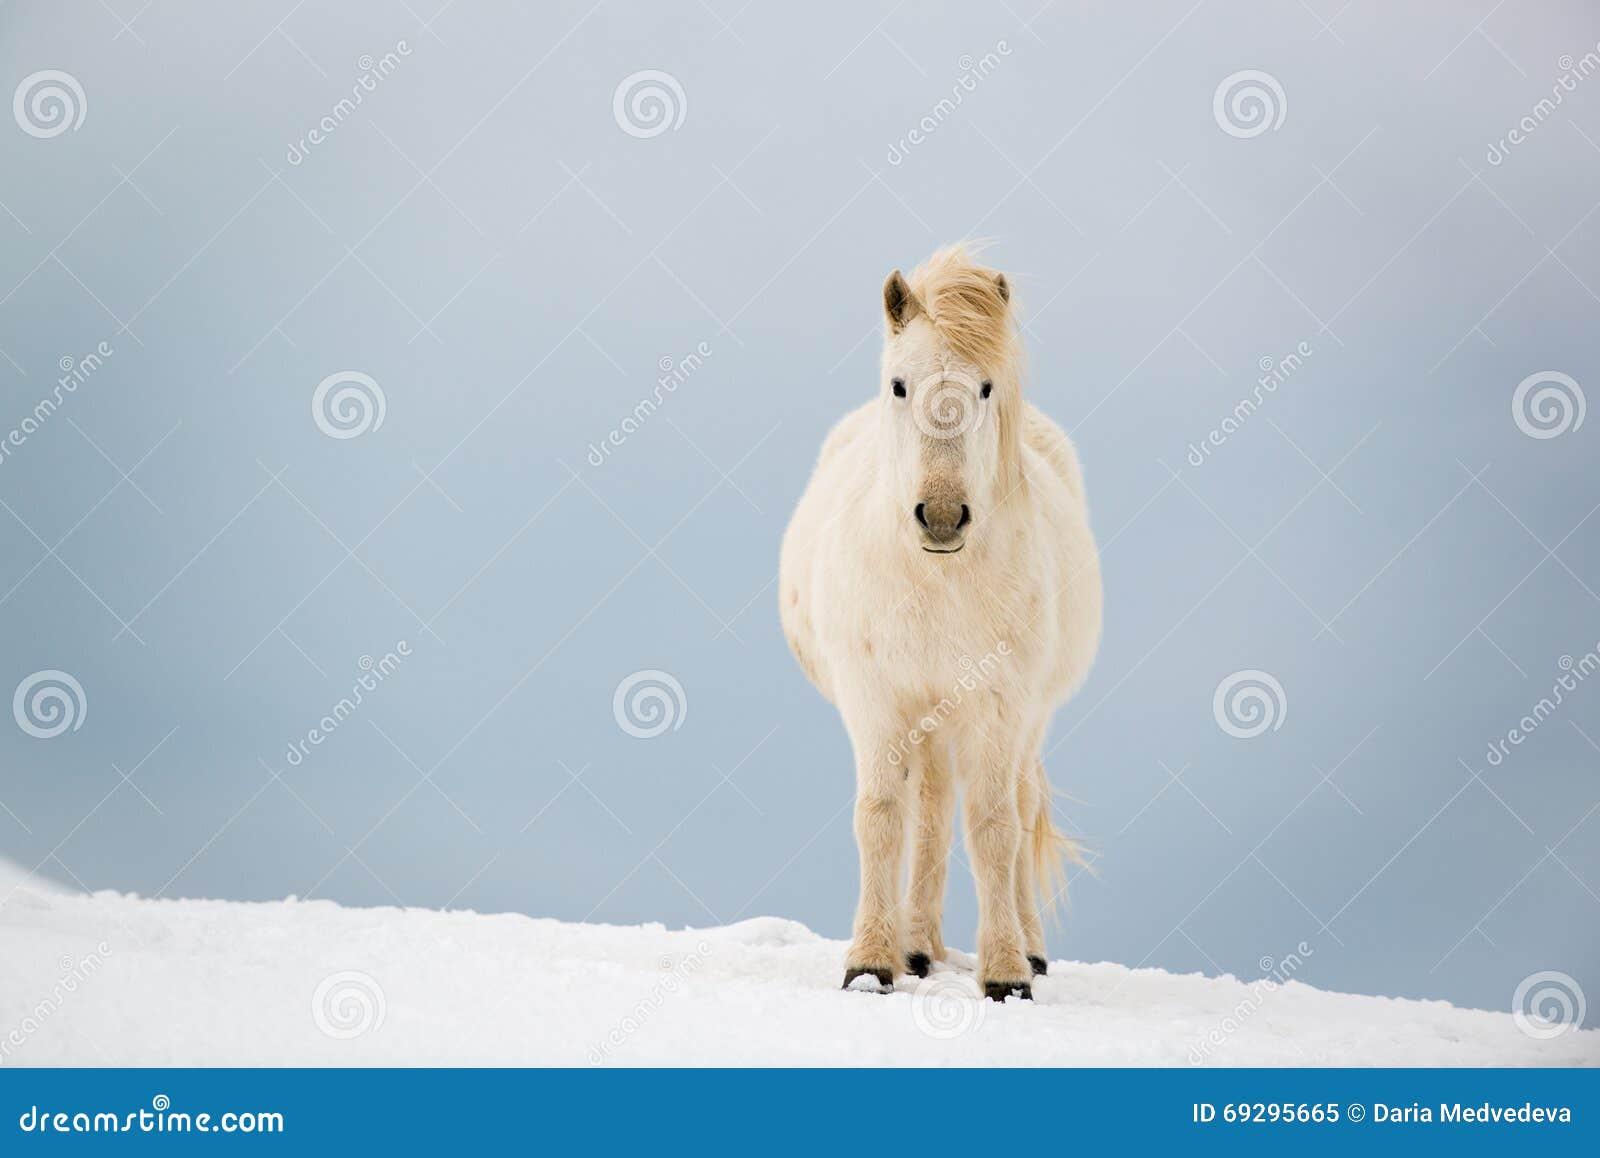 Islandzki koń na śniegu w zimie, Iceland